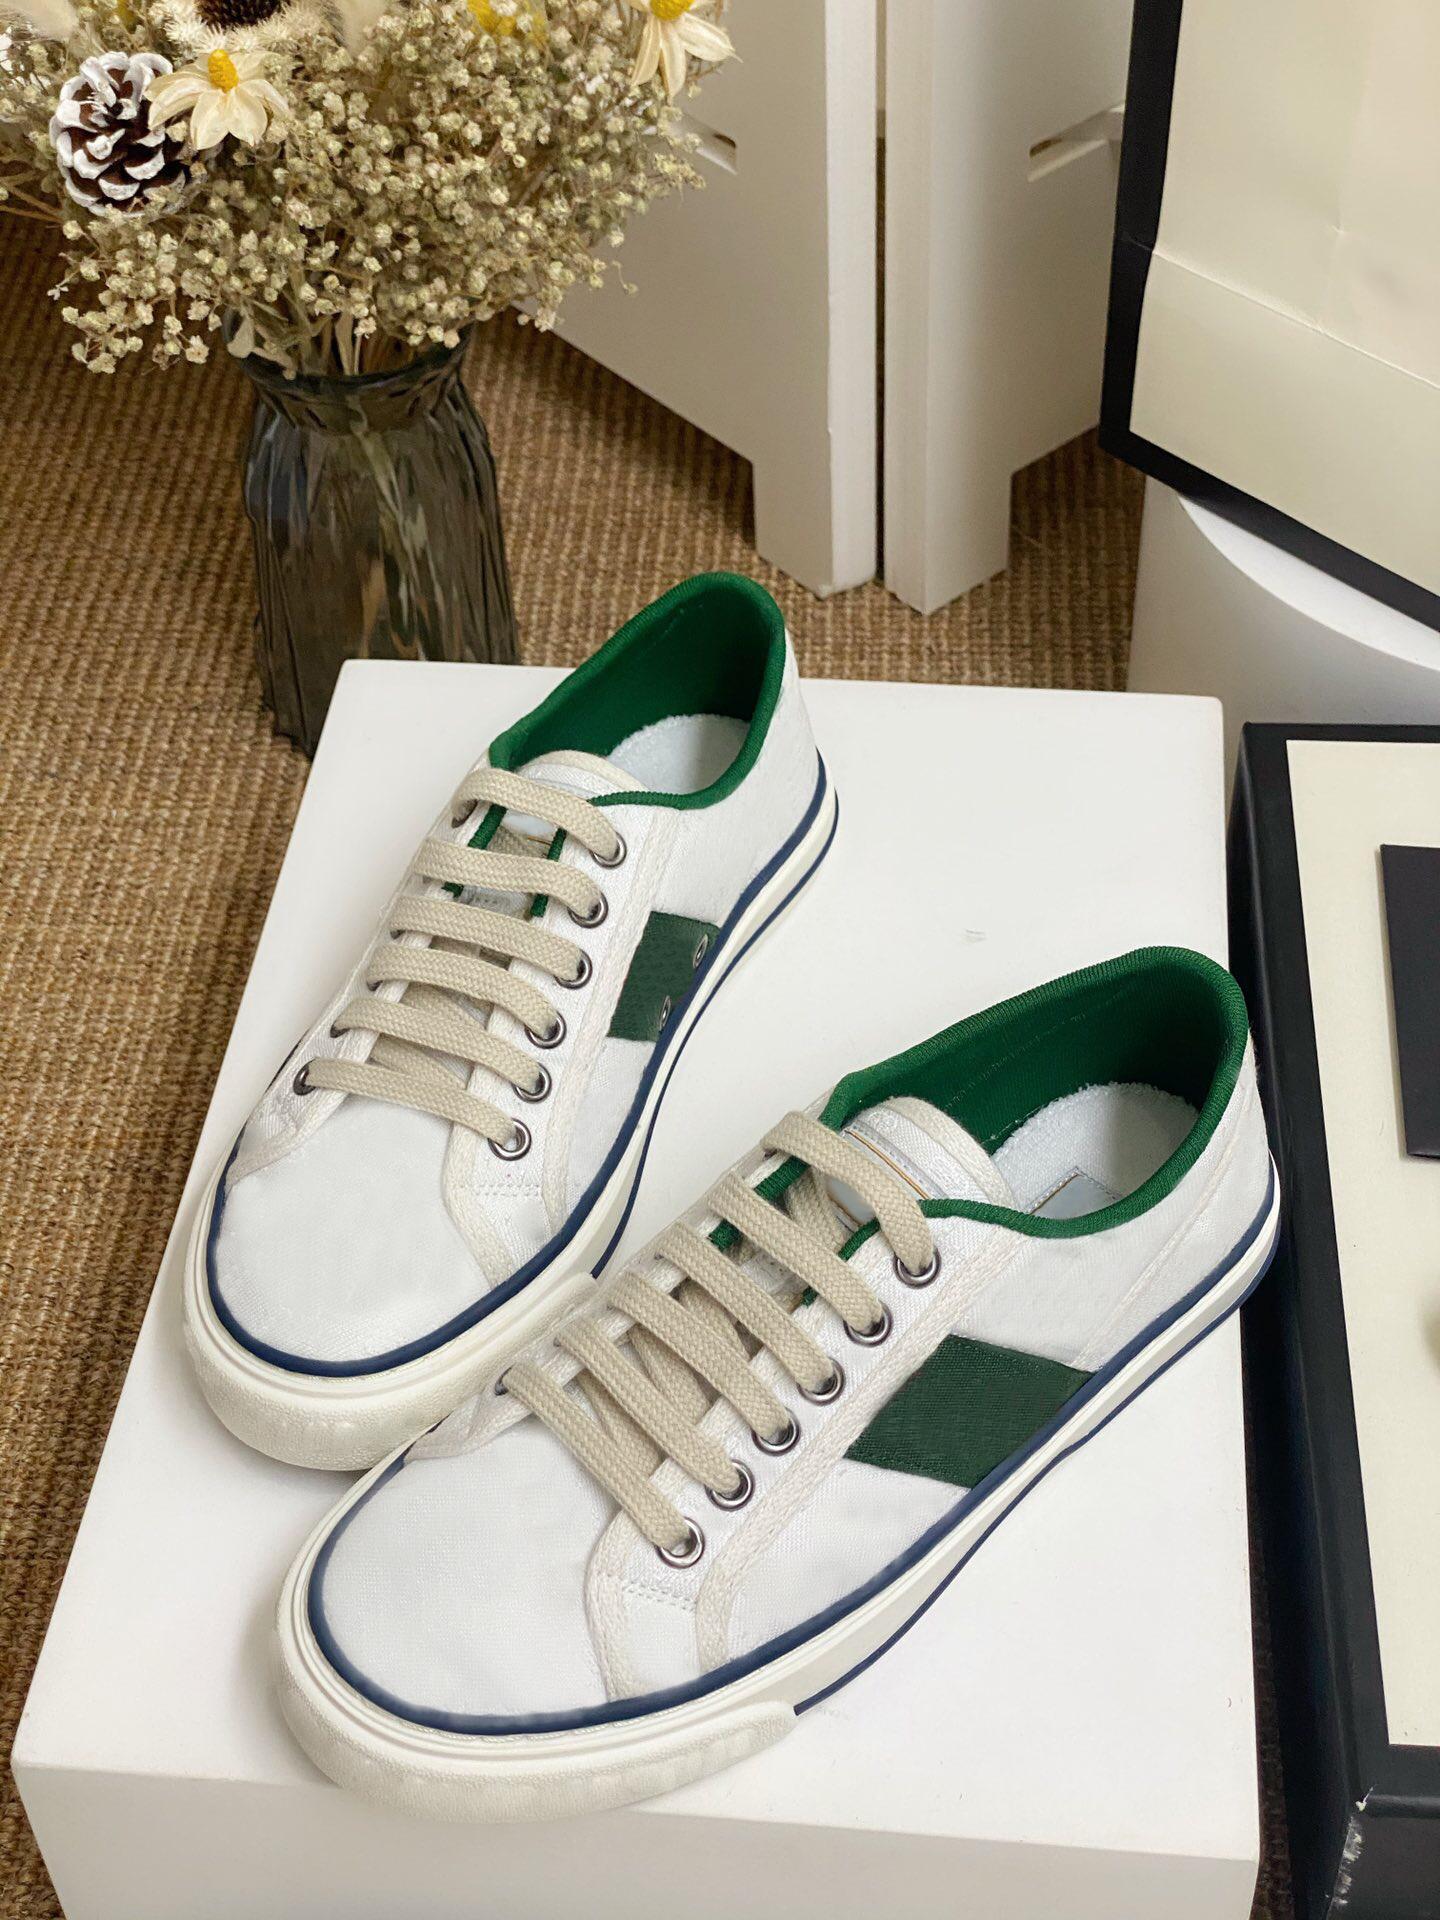 2020 تنس 1977 أحذية الرجال النساء فاخر مصمم أحذية عارضة خدعة الانزلاق في القاع الأزواج احذية موضة جديدة Matchs اللون أحذية حار نقطة الإنطلاق